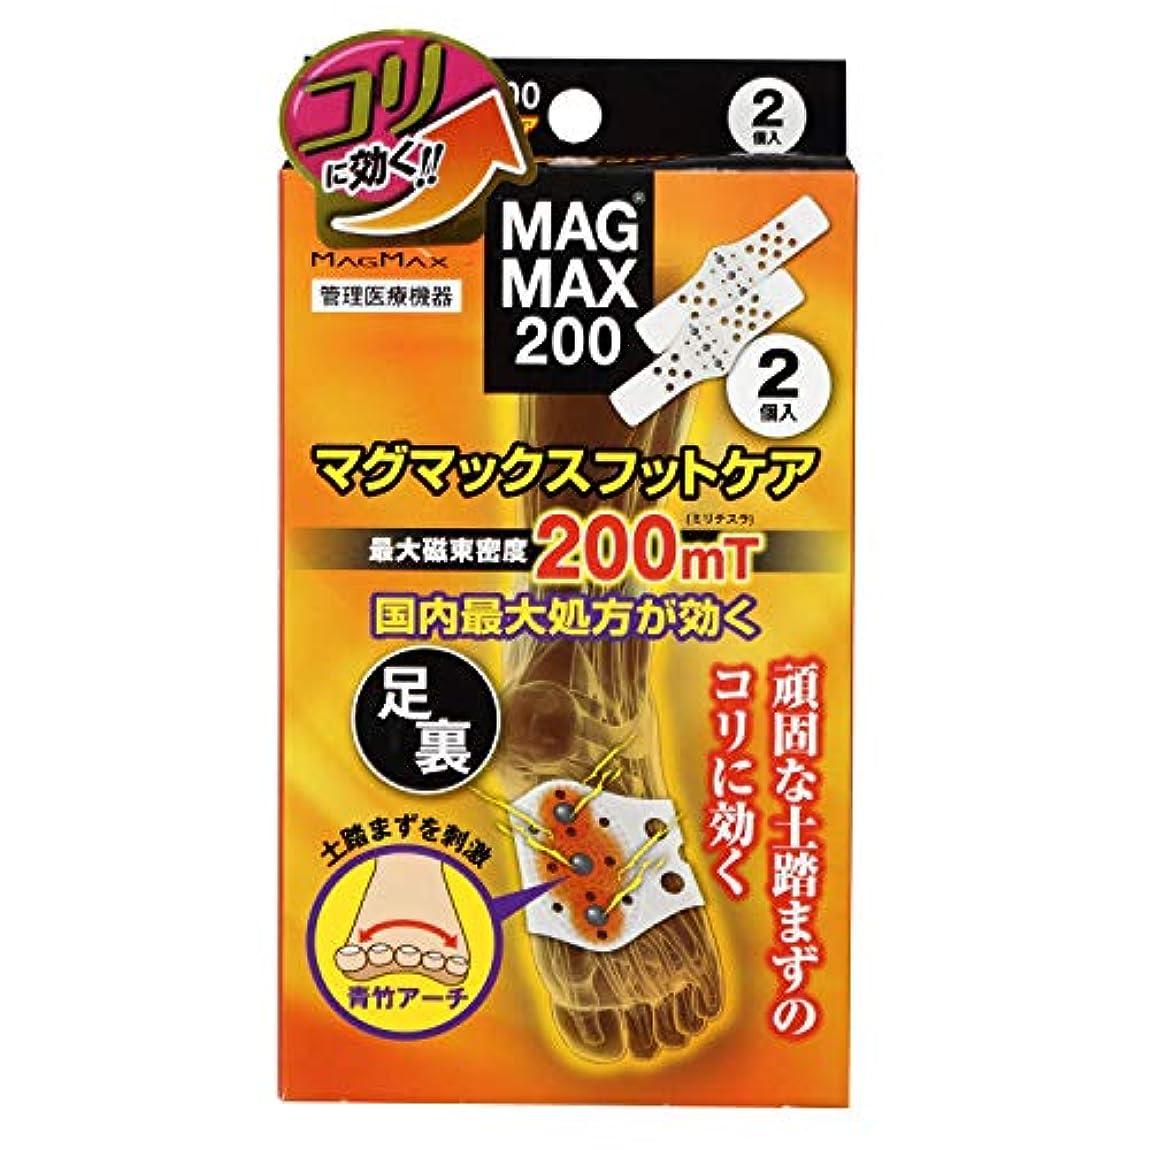 人柄コークス台風マグマックスフットケア MAGMAX200 足裏用磁気ベルト マグネットケア 磁束密度200mT (2個入り)